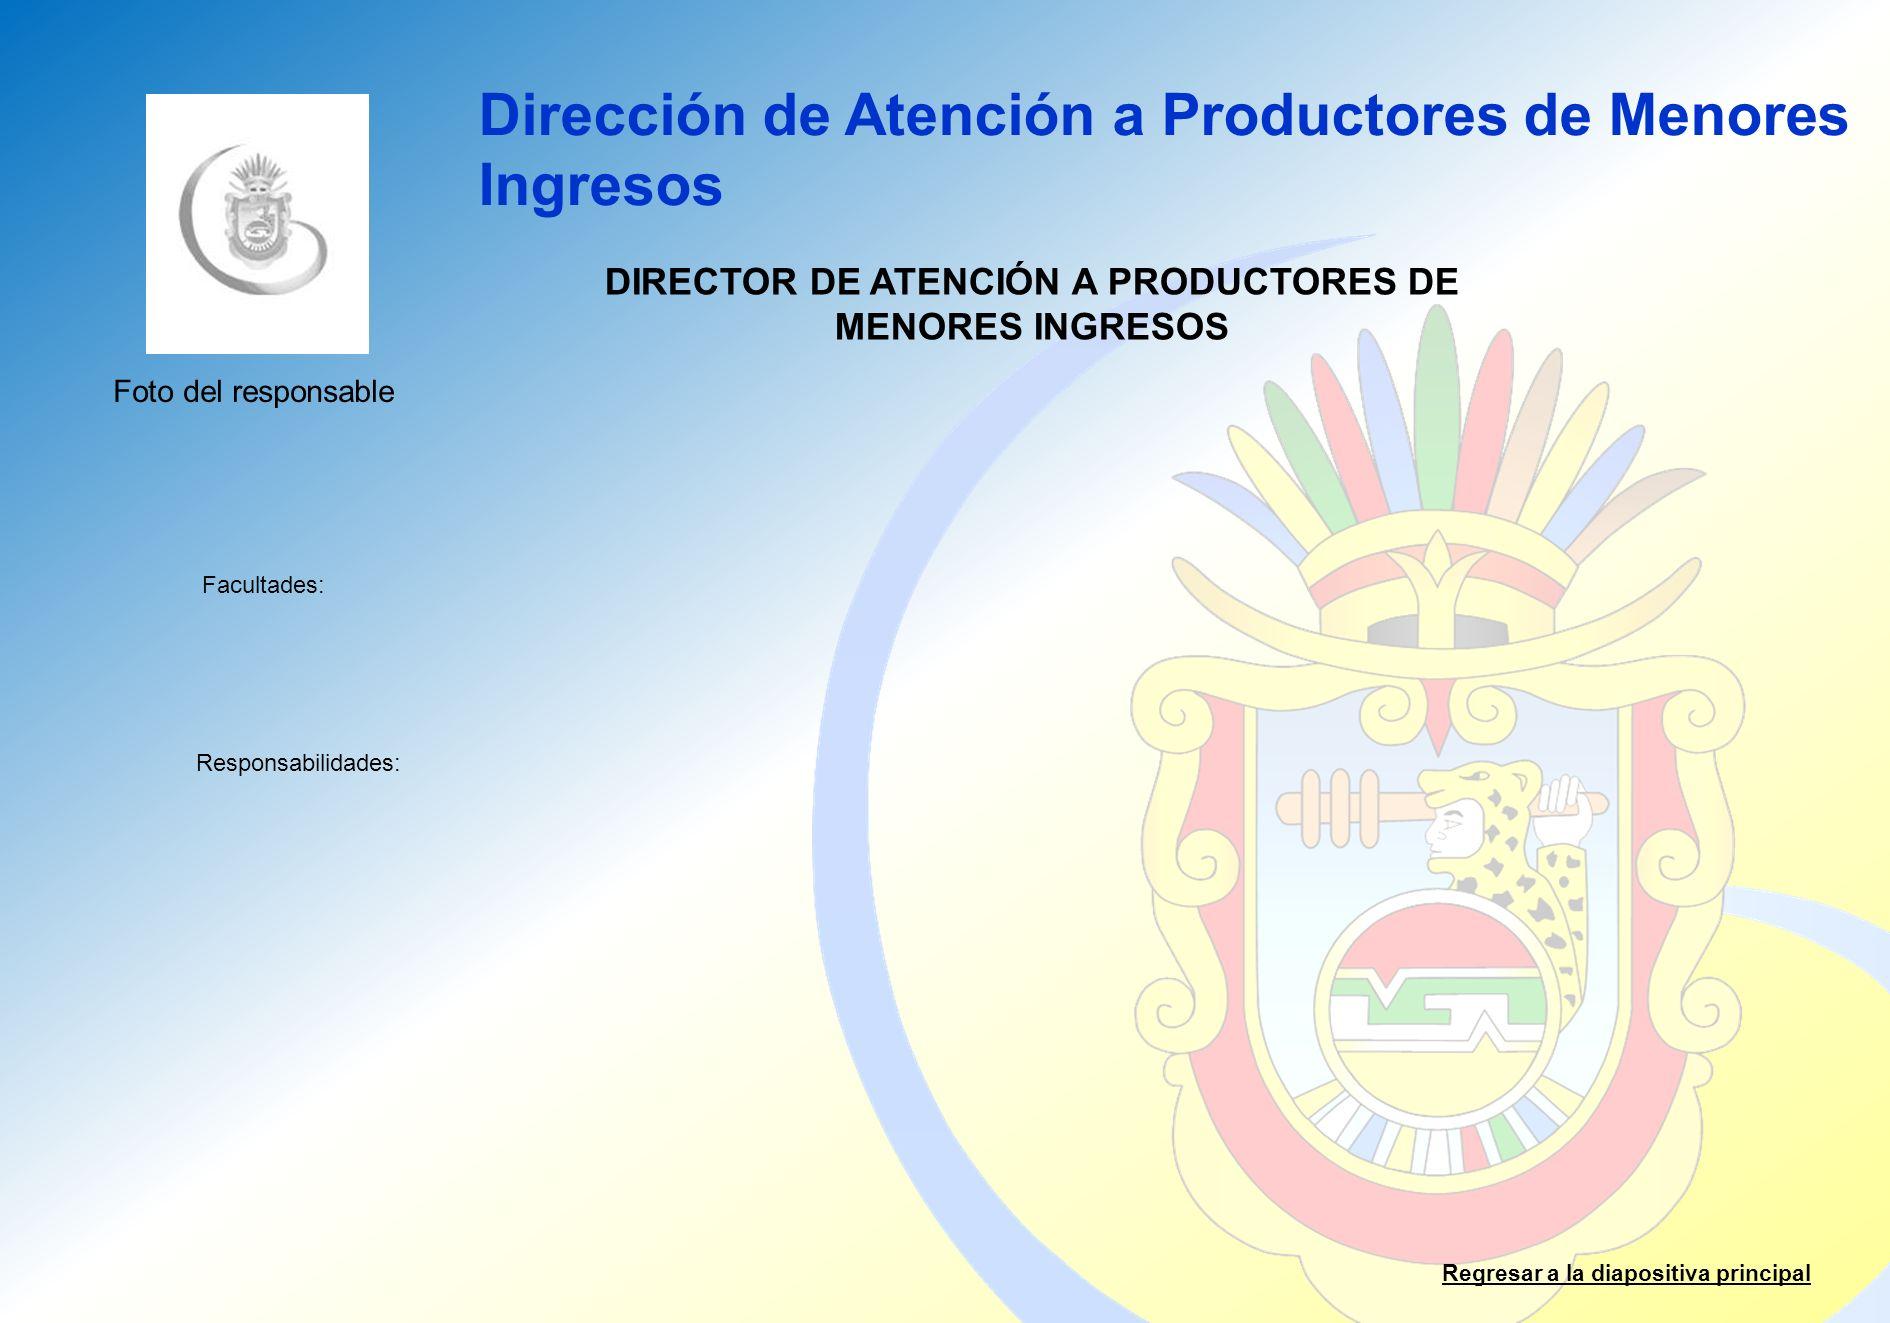 DIRECTOR DE ATENCIÓN A PRODUCTORES DE MENORES INGRESOS